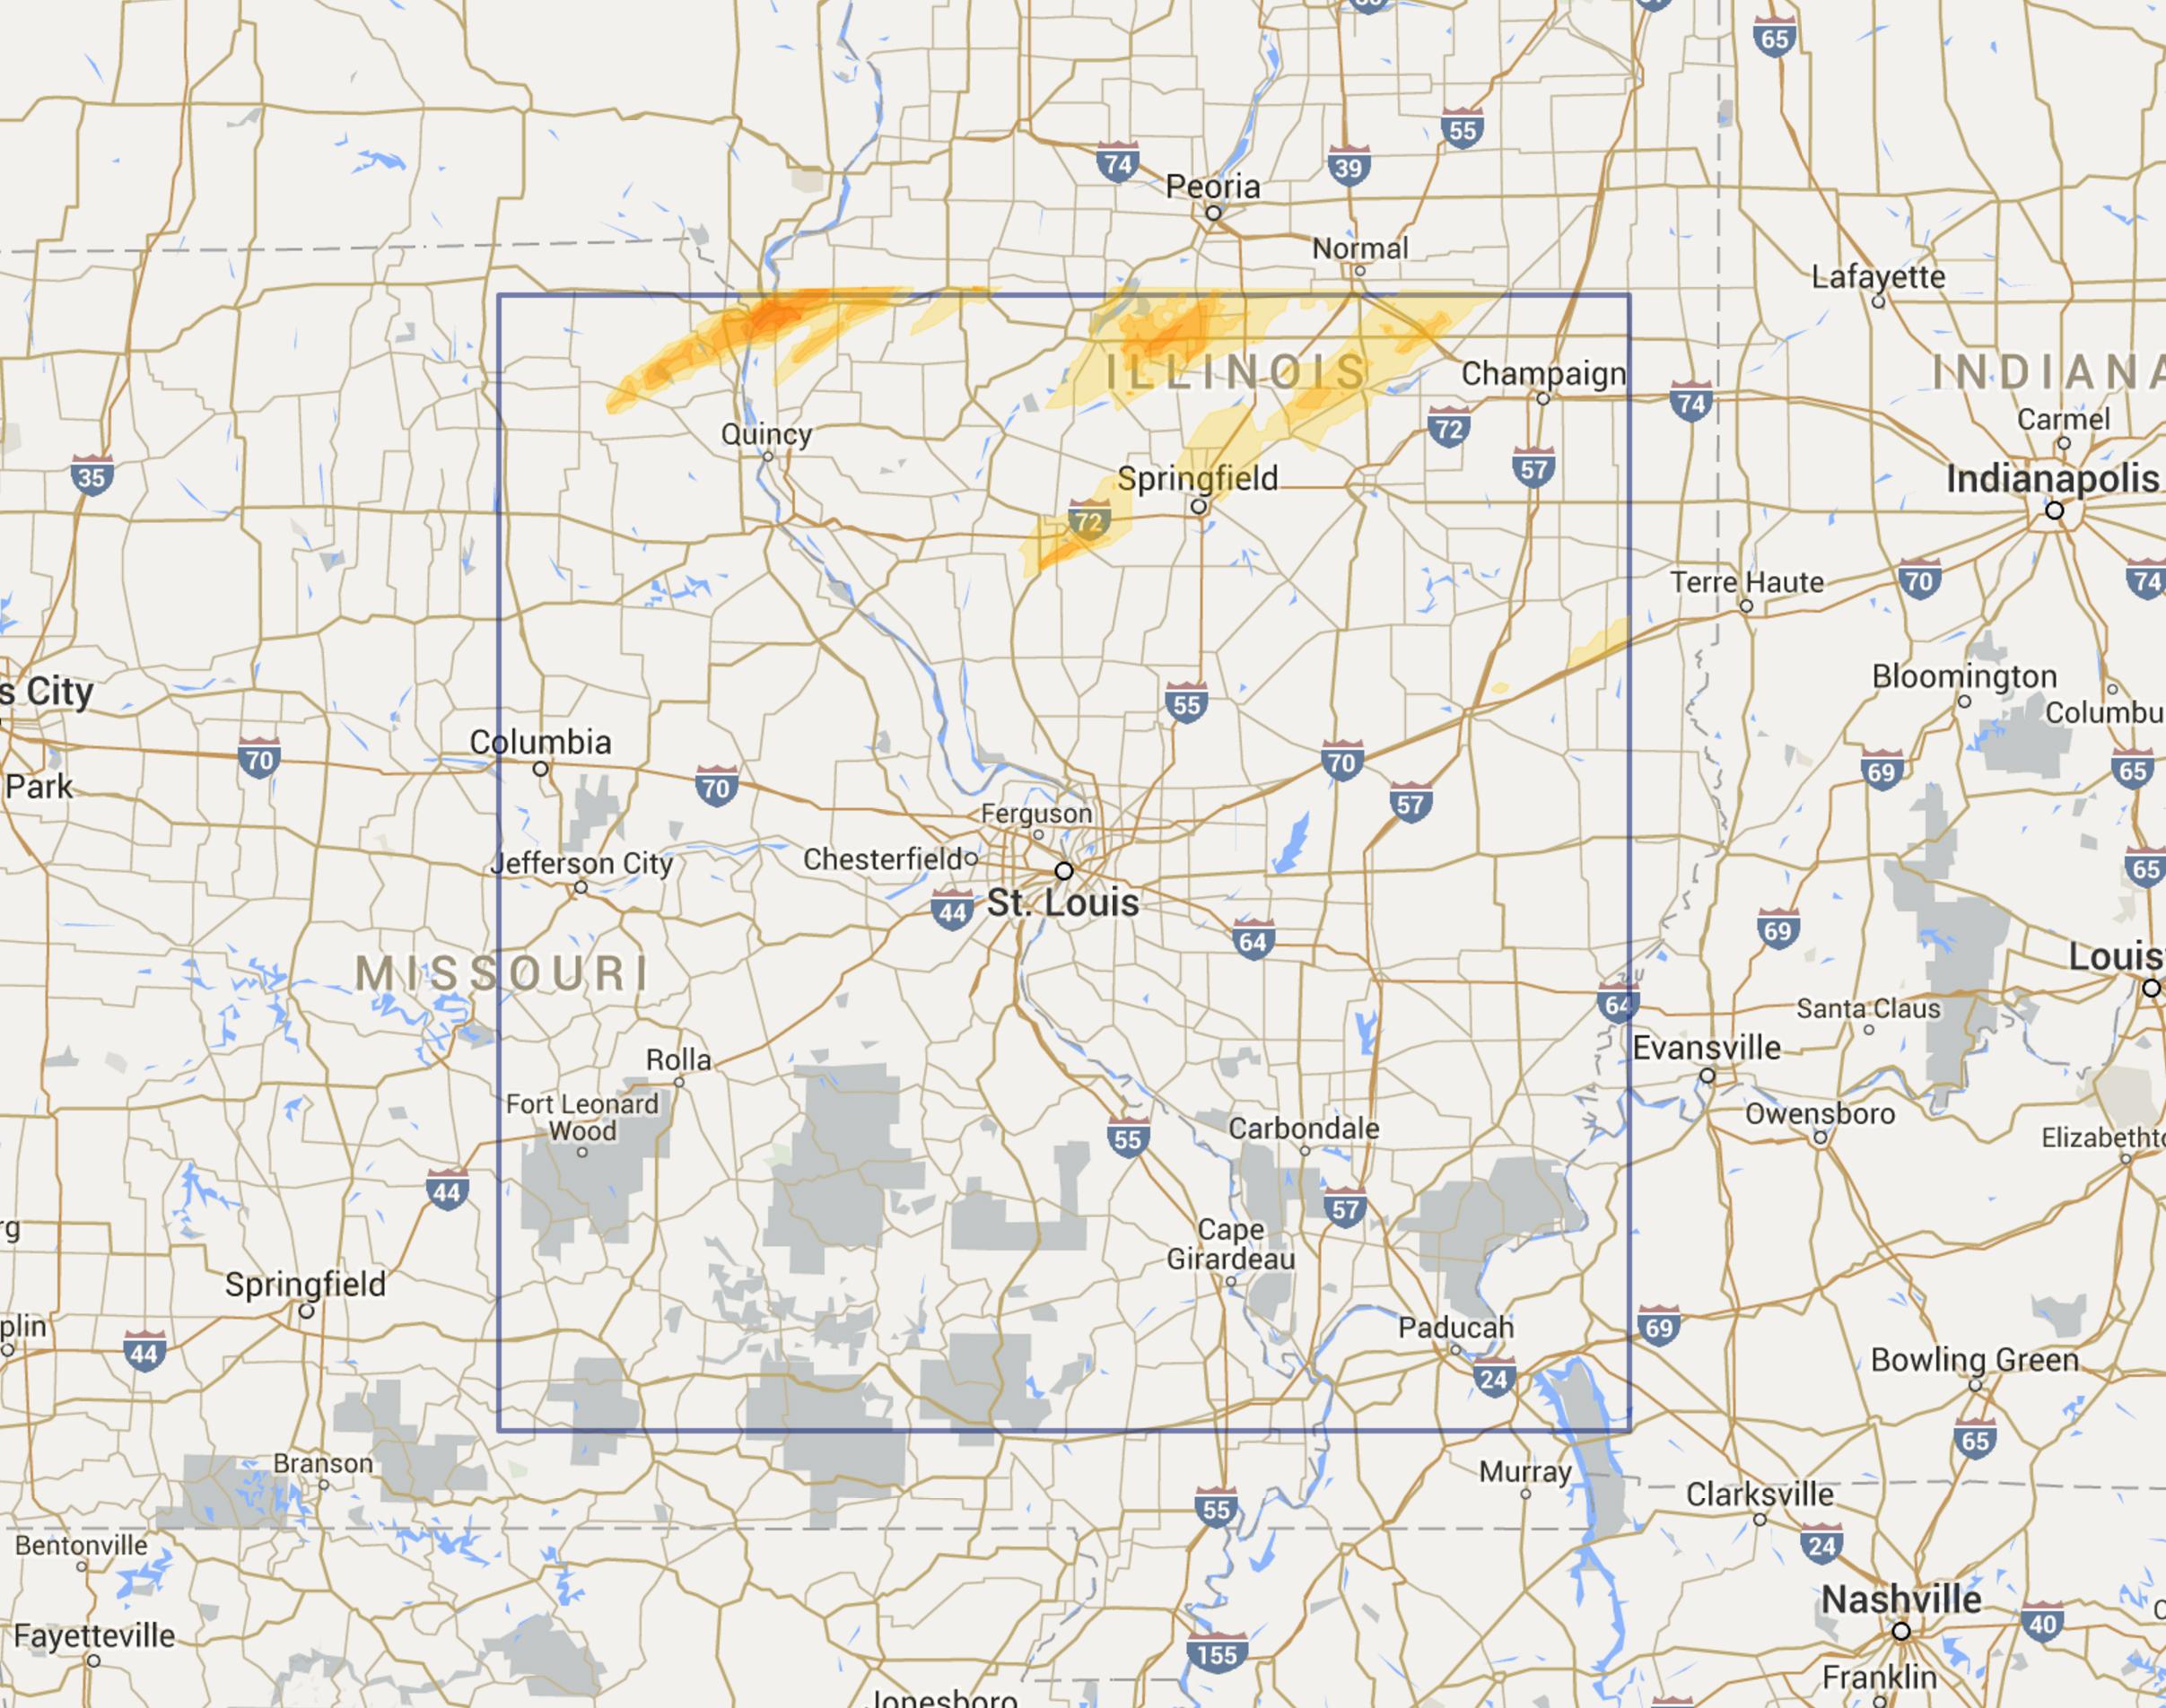 Saint Louis MO Region